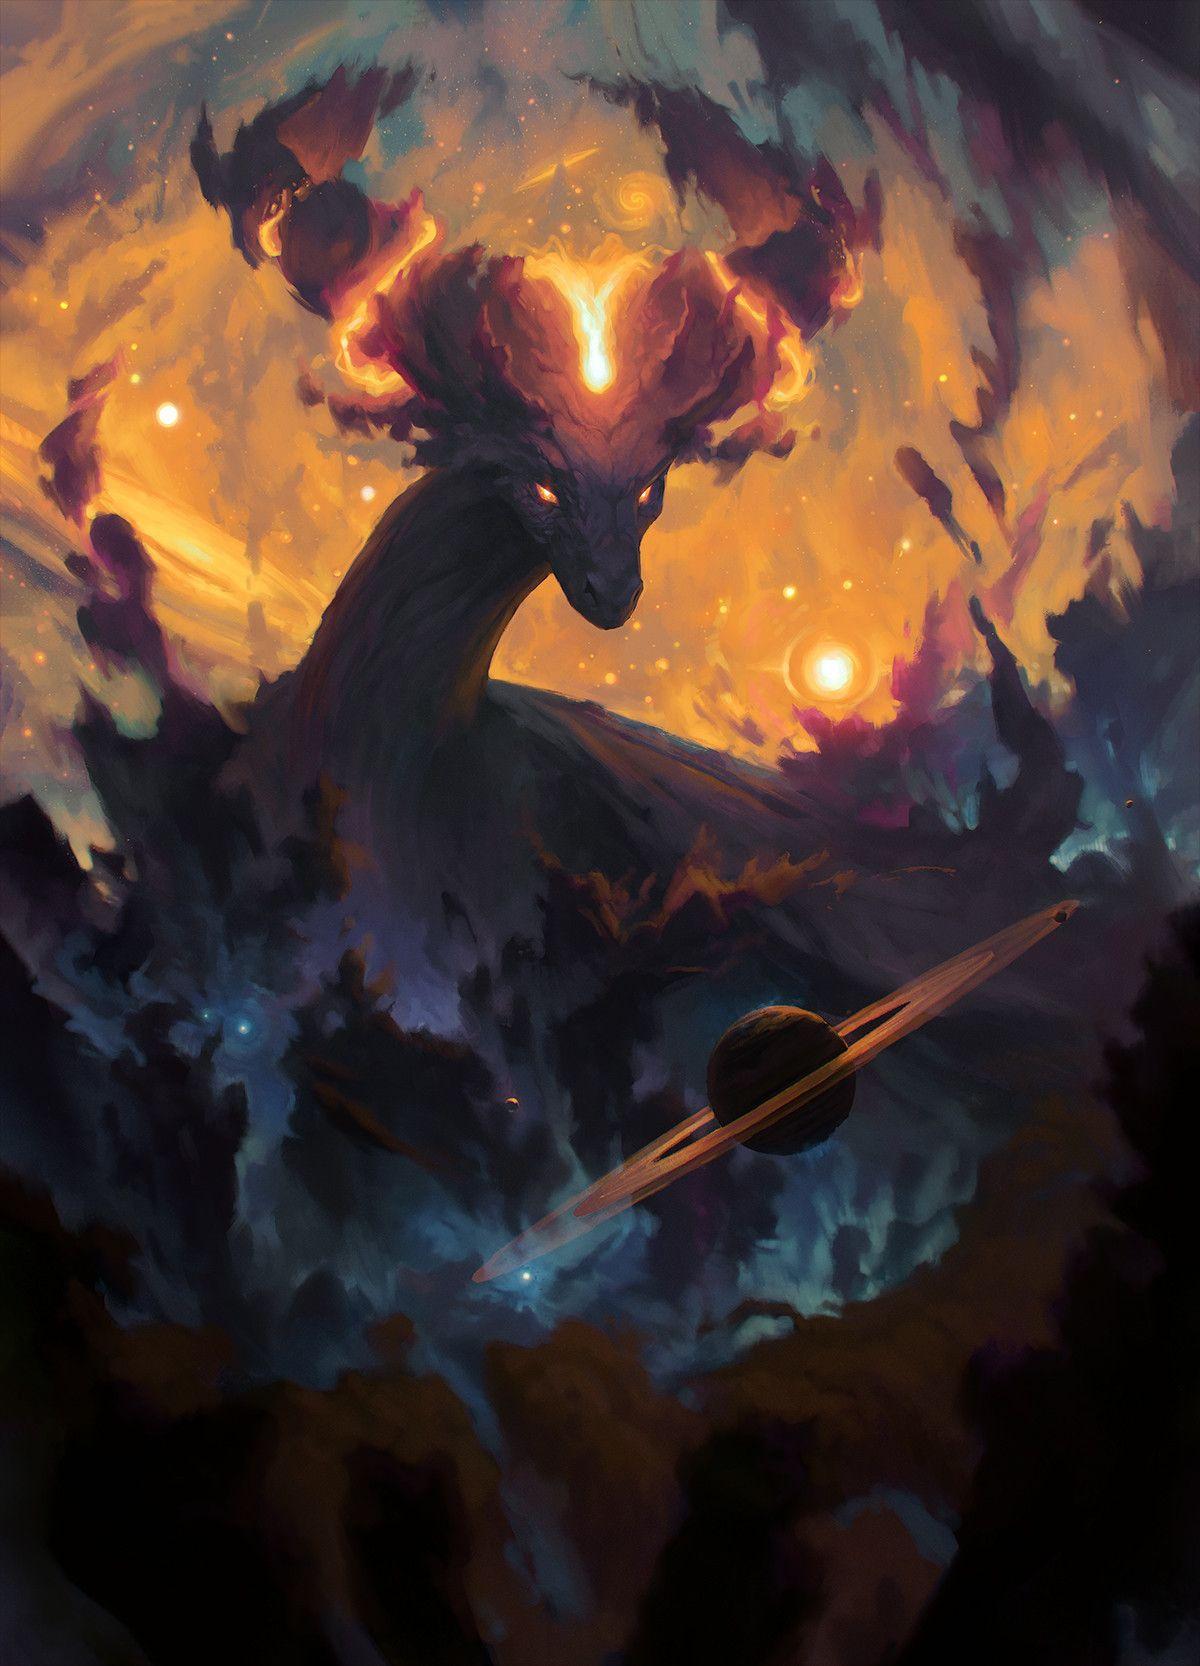 Mythorie — stjust The Cosmic Dragon by Ondřej Hrdina